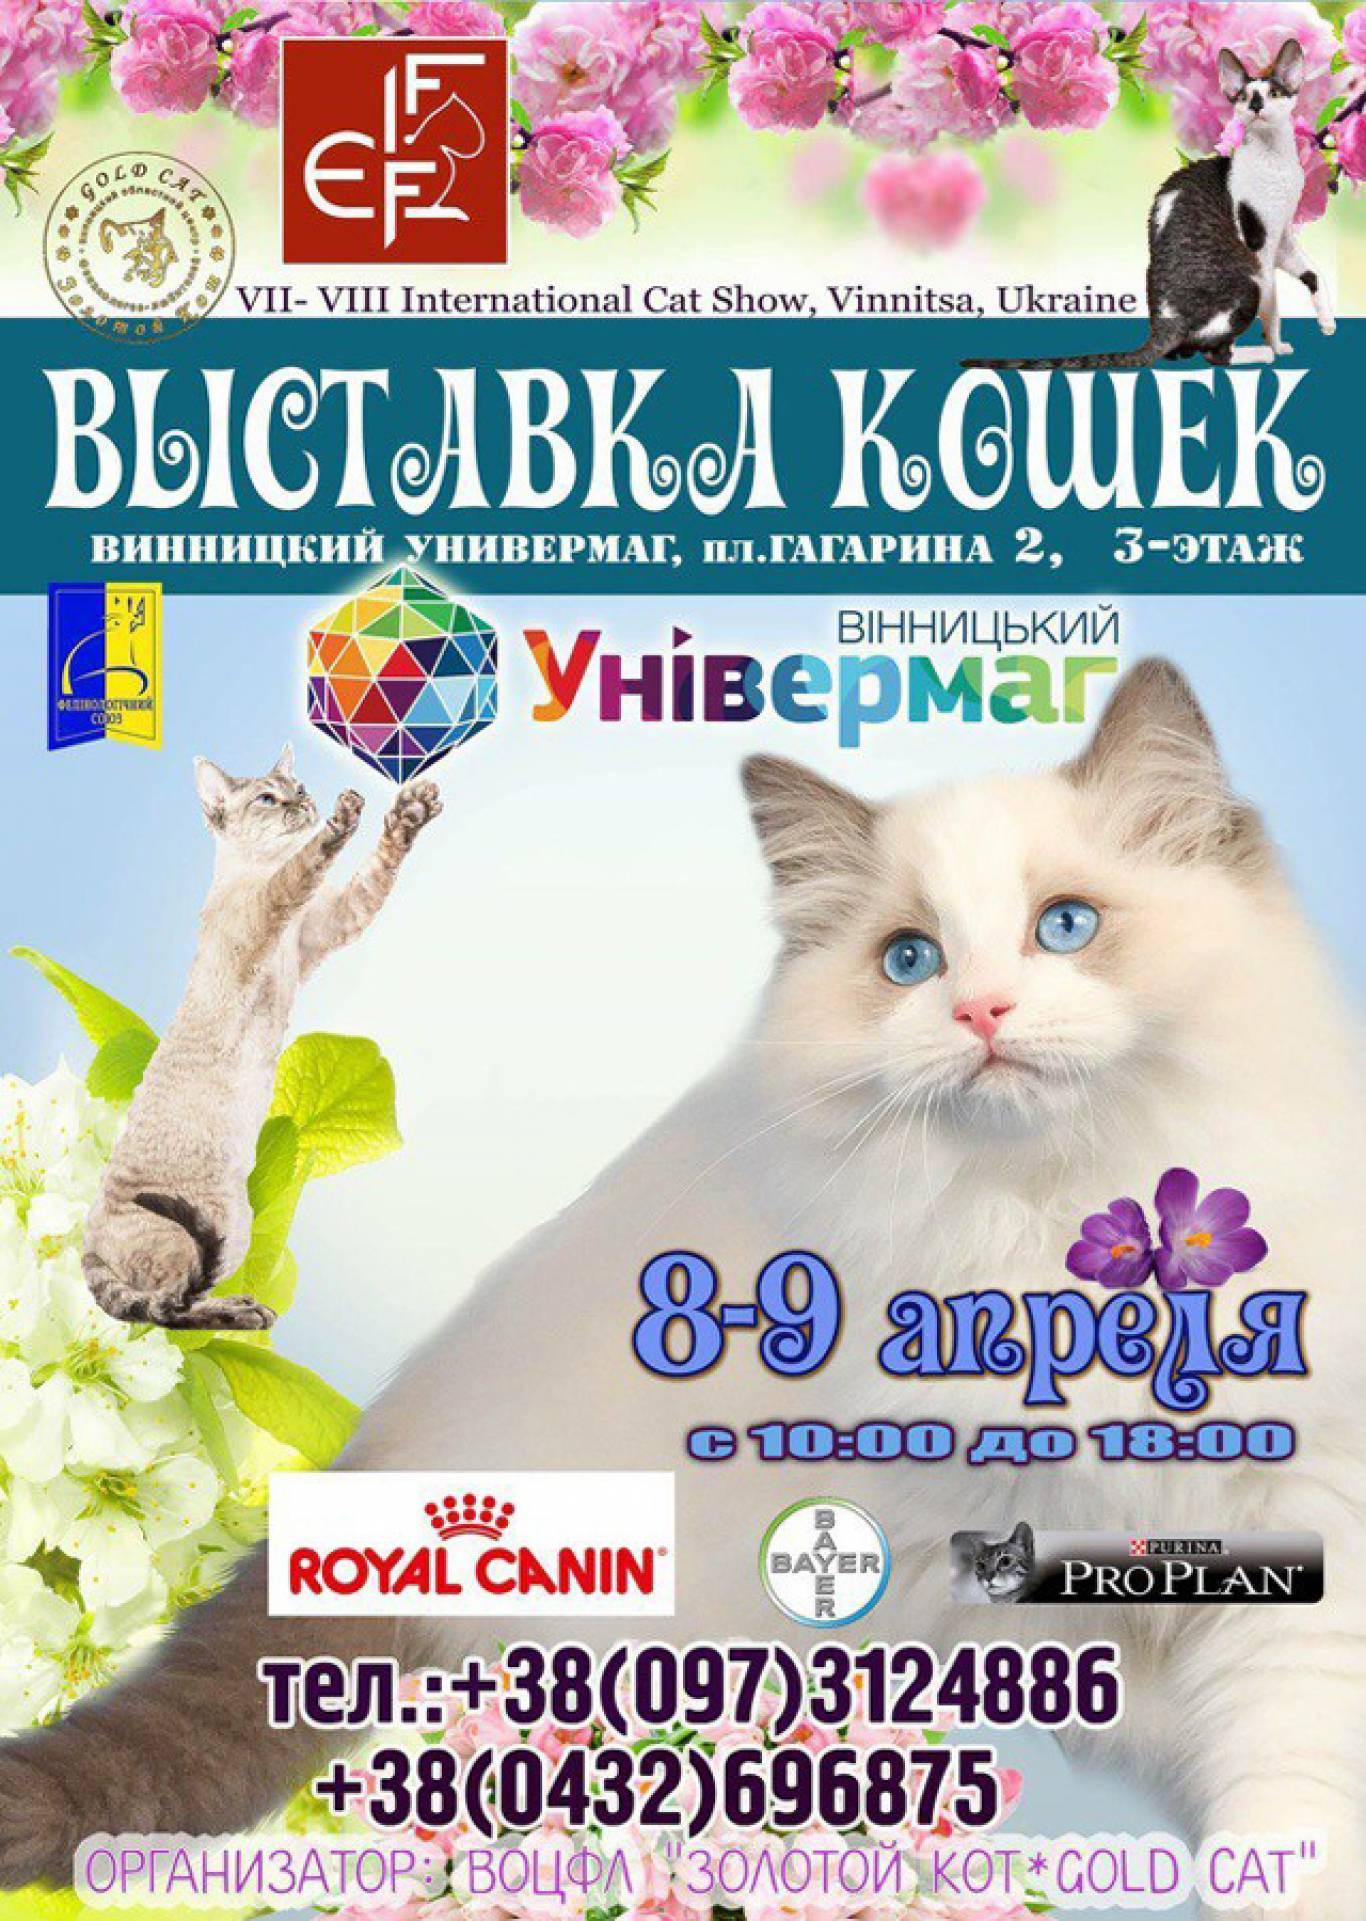 Виставка котів у Вінниці